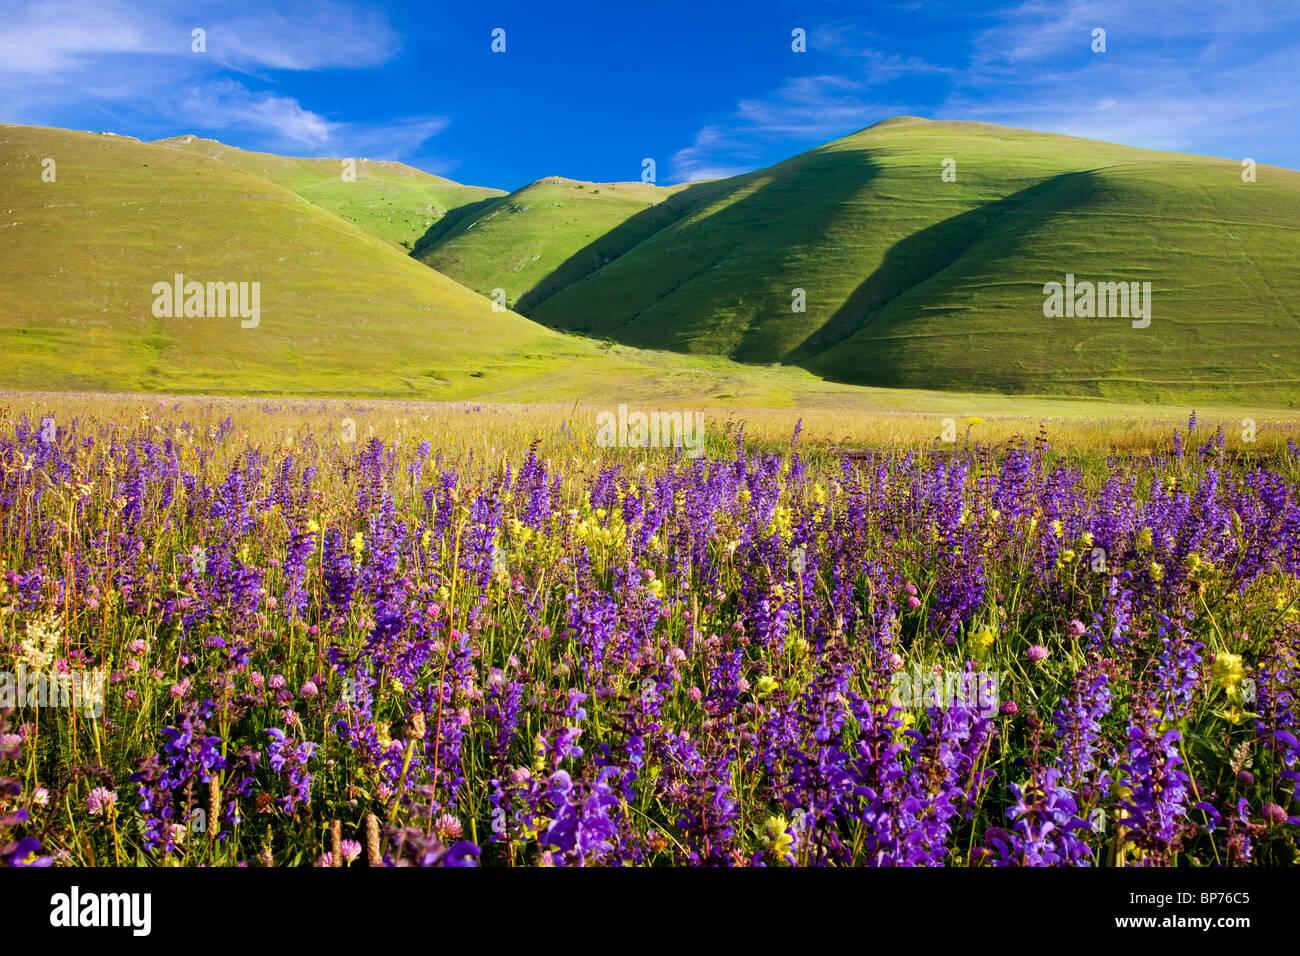 Hektar Wildblumen im Piano Grande in der Nähe von Castelluccio, Teil der Monti Sibillini Nationalpark, Umbrien Stockbild